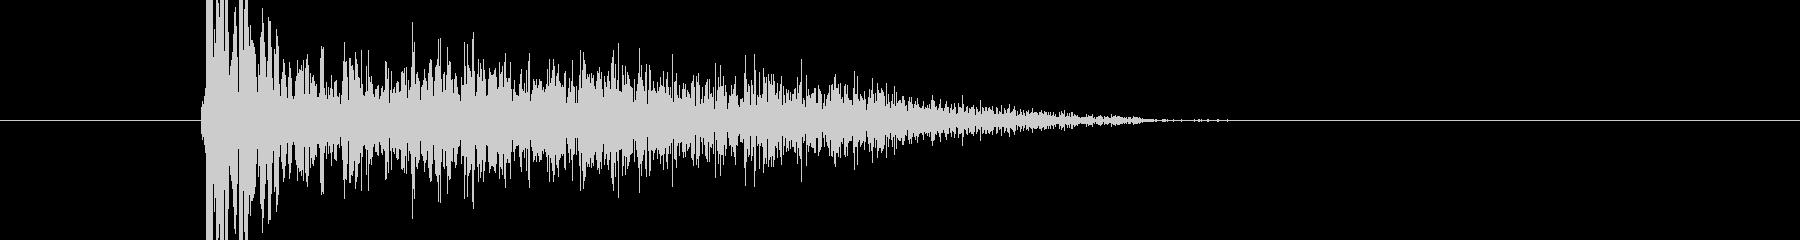 バシ ドン なパンチ、キックの打撃音04の未再生の波形